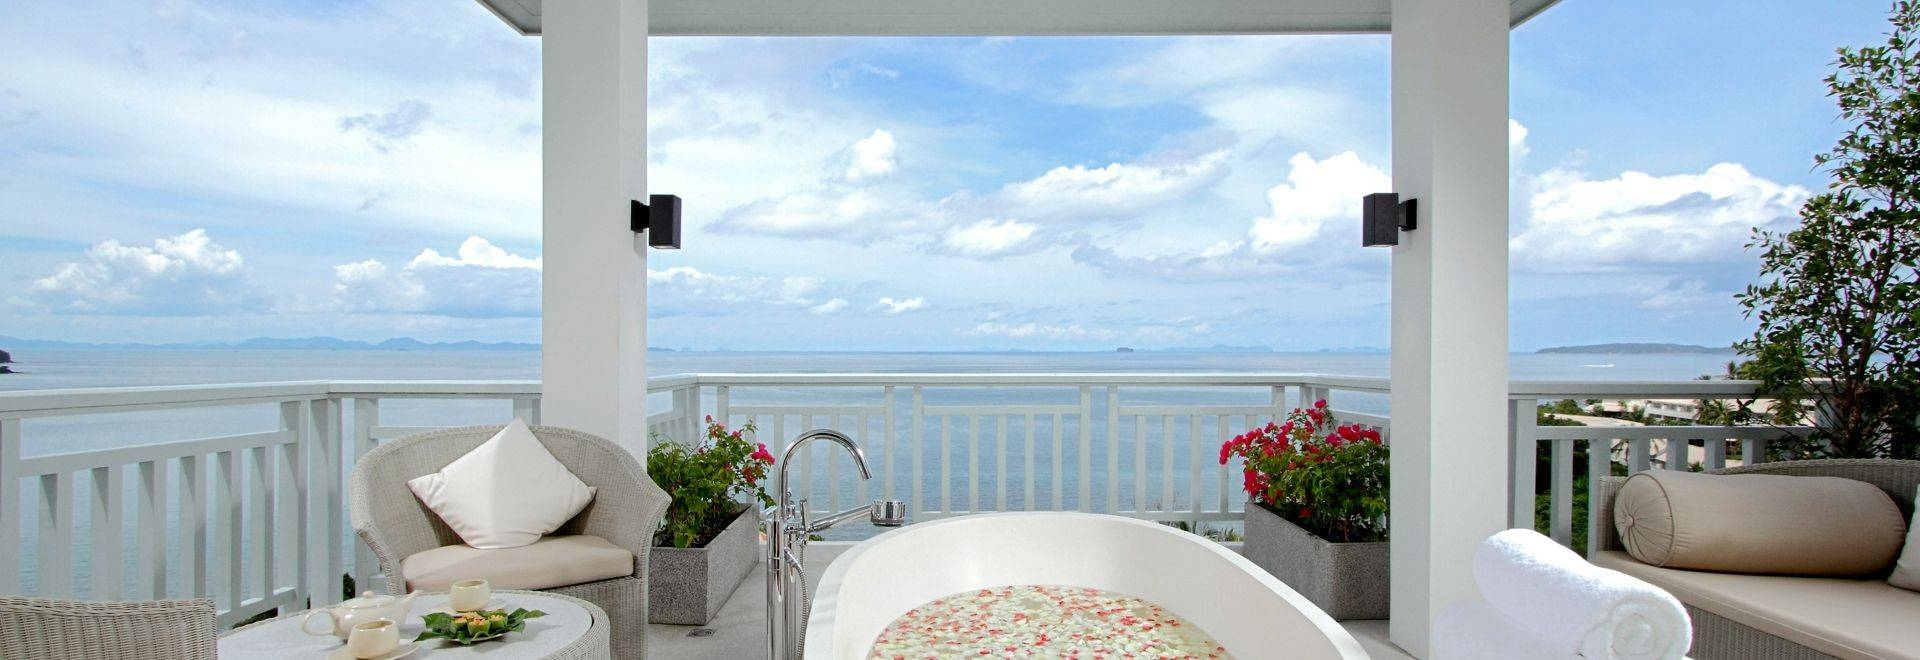 Amatara-outdoor-spa.jpg